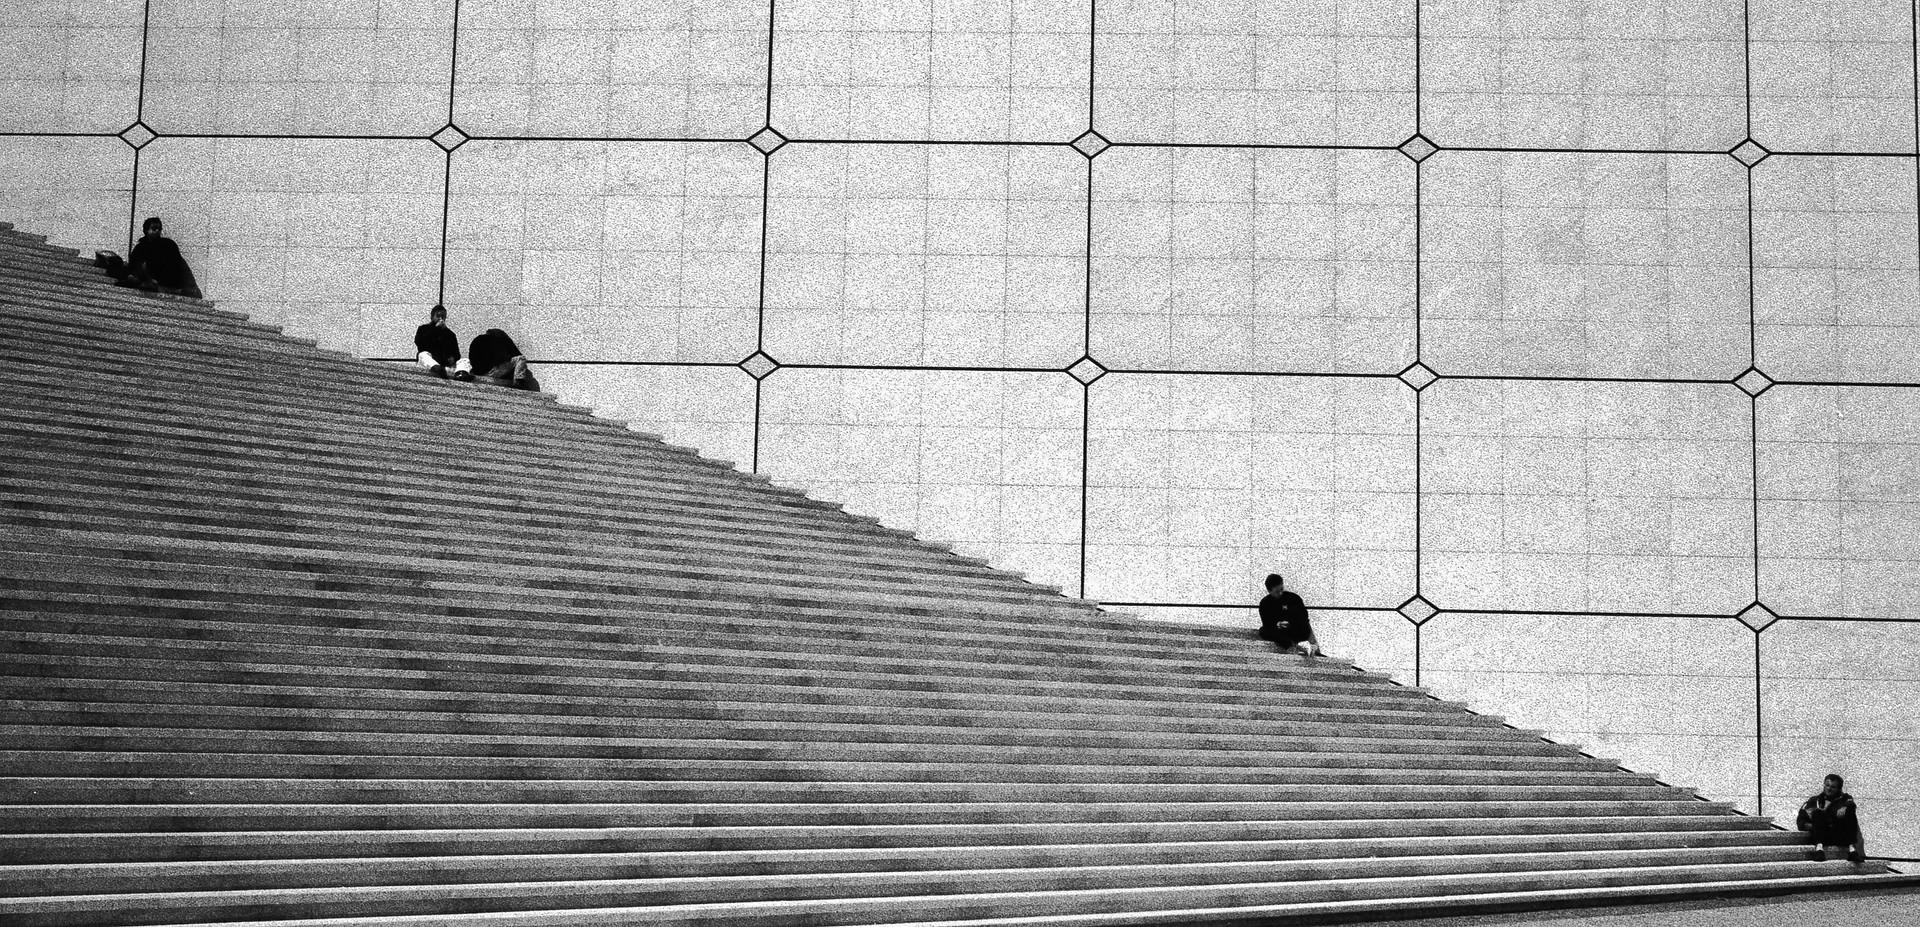 L'Arche_Paris, France 1991